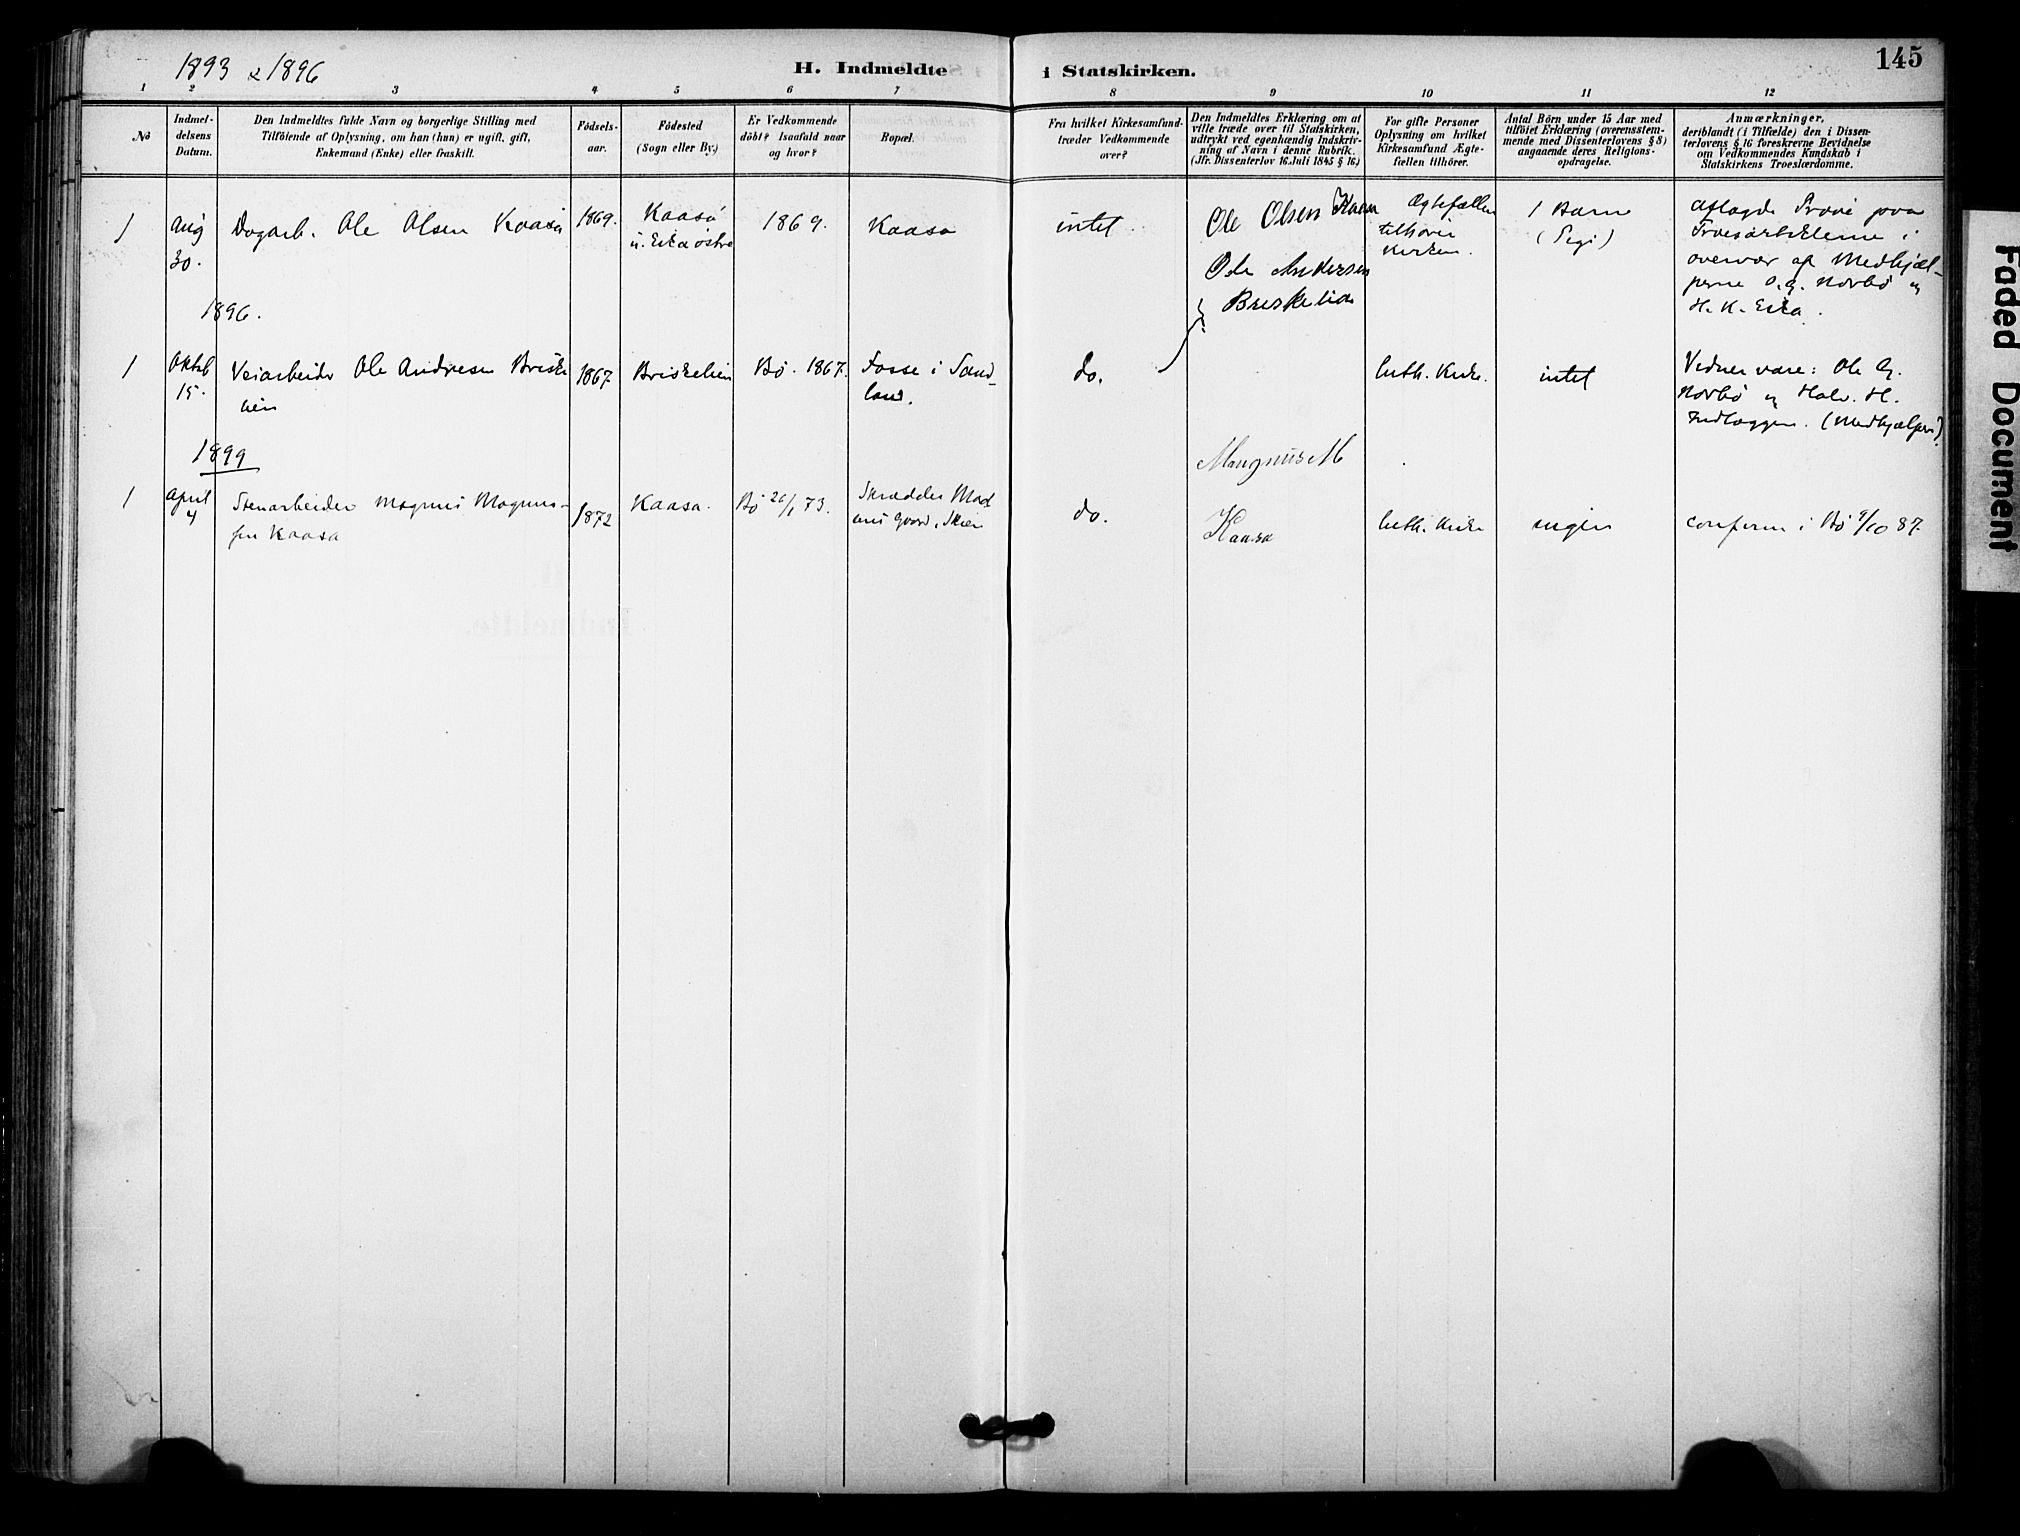 SAKO, Bø kirkebøker, F/Fa/L0011: Ministerialbok nr. 11, 1892-1900, s. 145